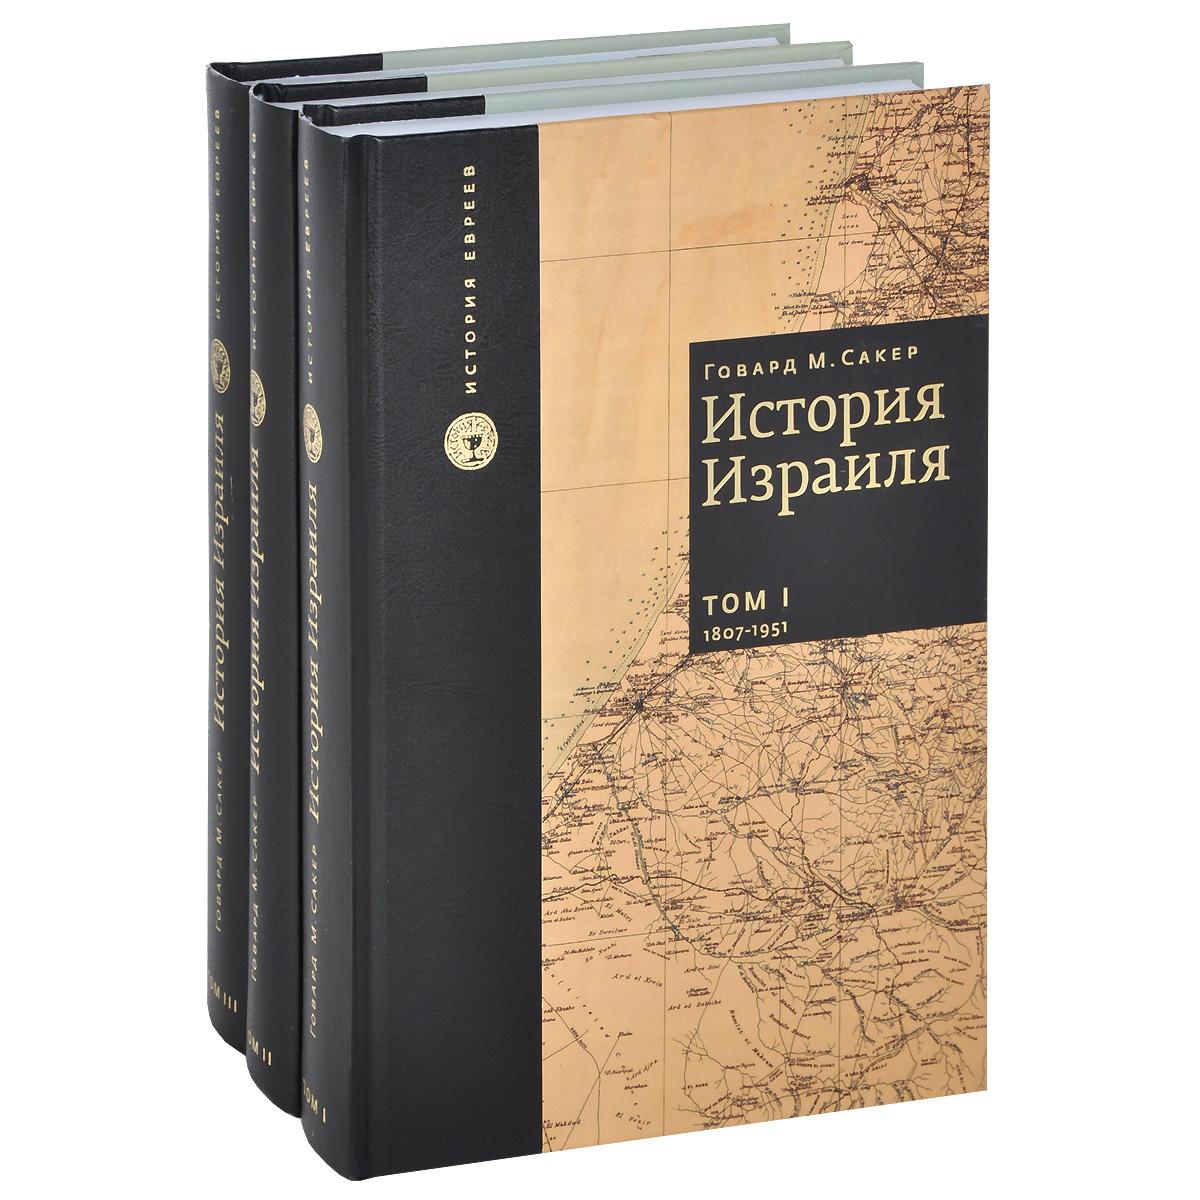 Сакер Говард История Израиля. В 3 томах (комплект из 3 книг)